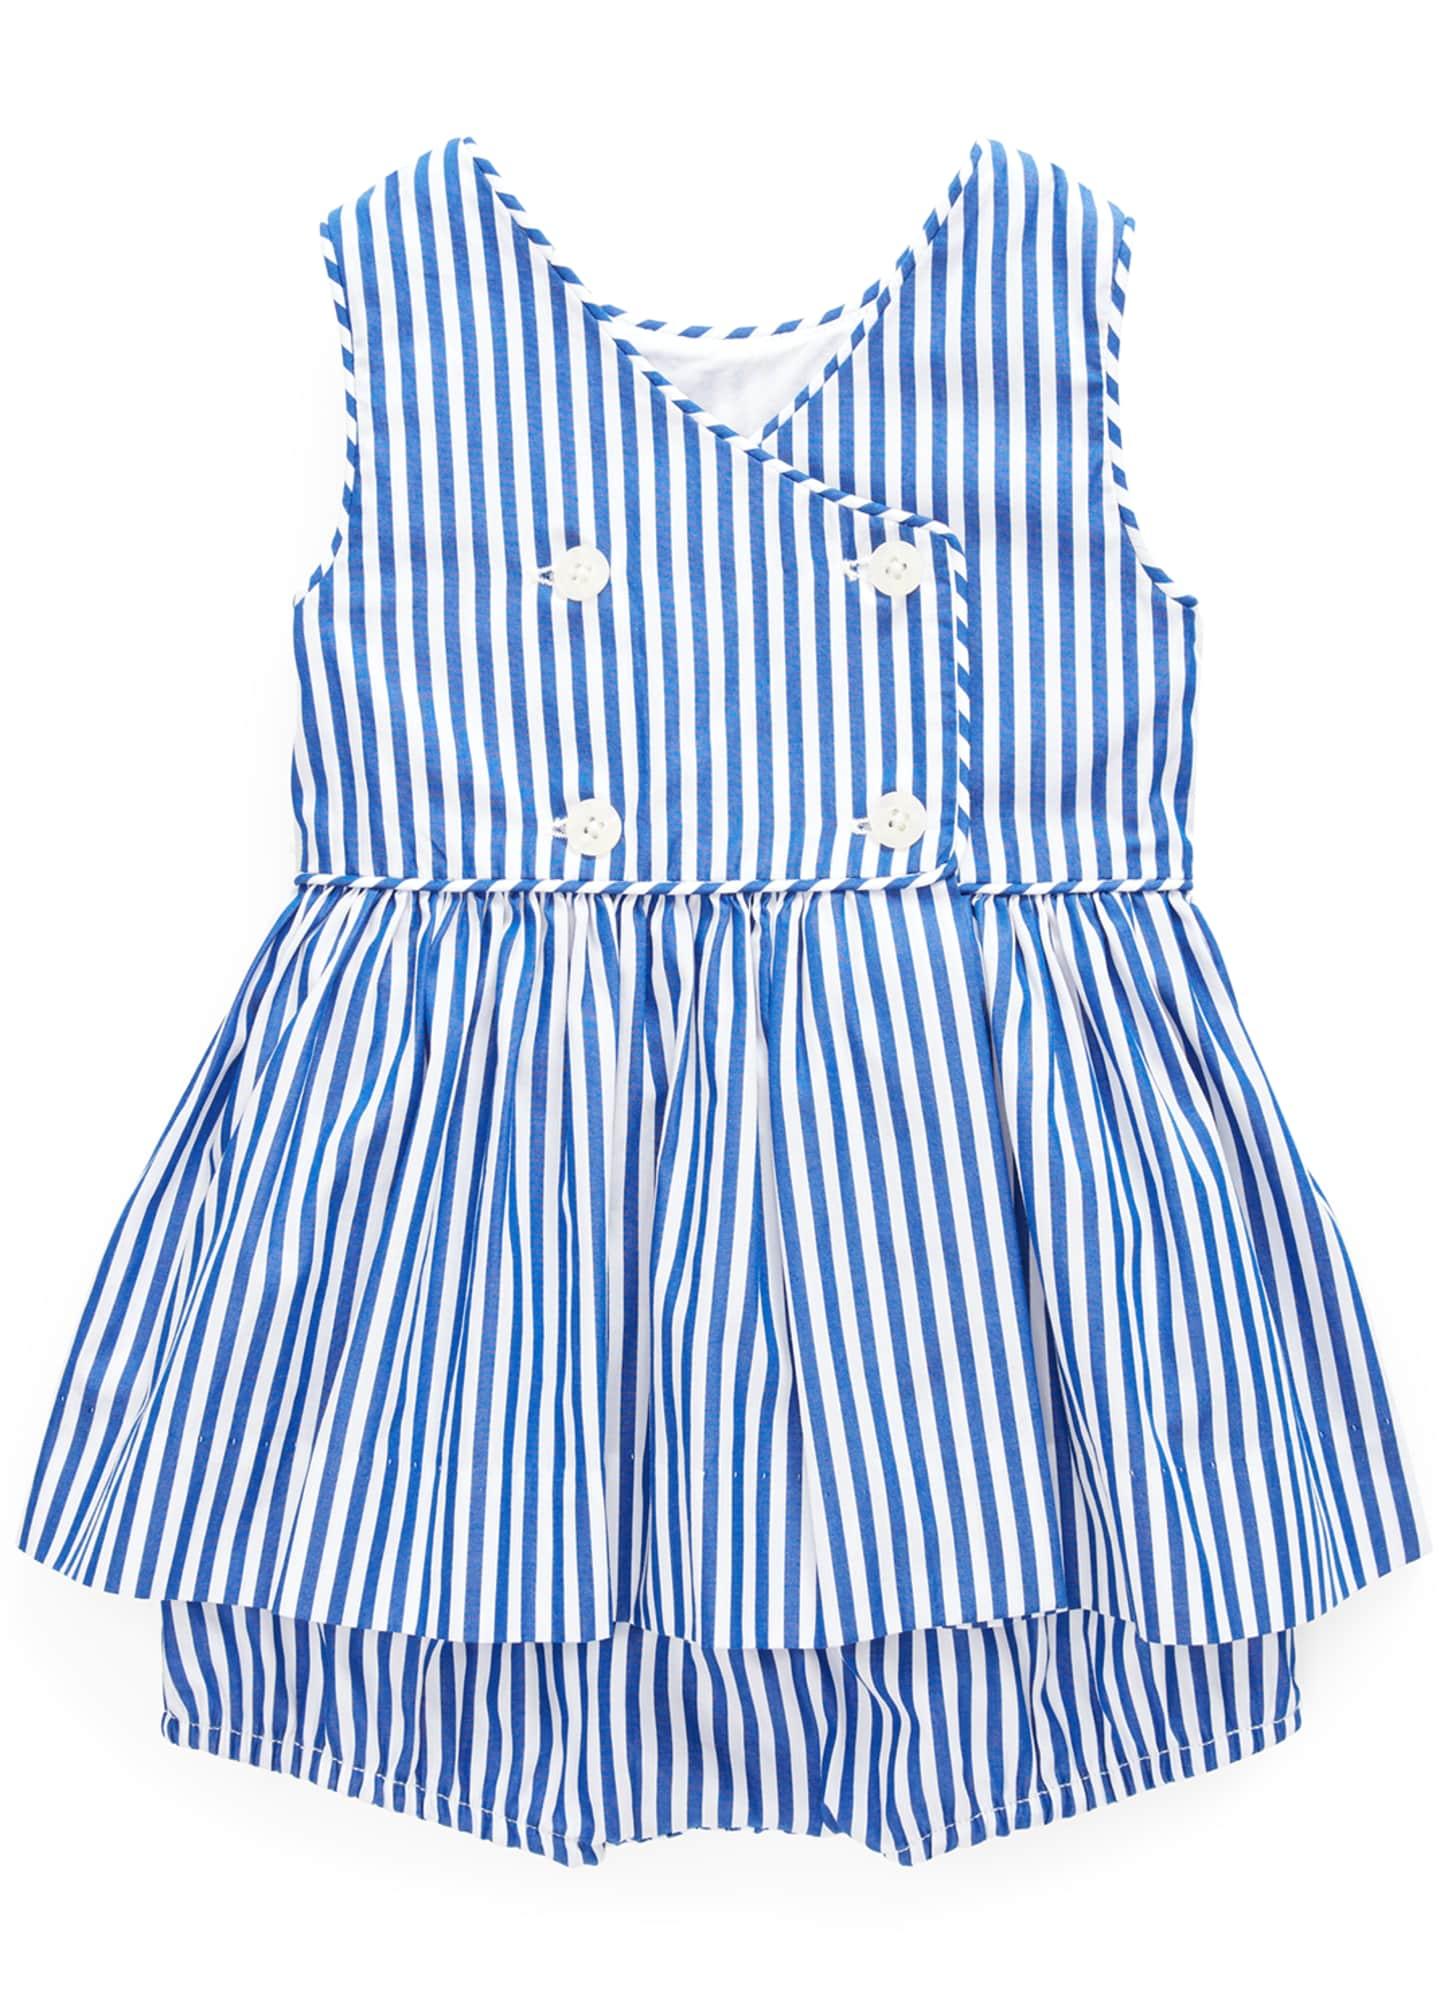 Ralph Lauren Childrenswear Stripe Double-Breasted Dress w/